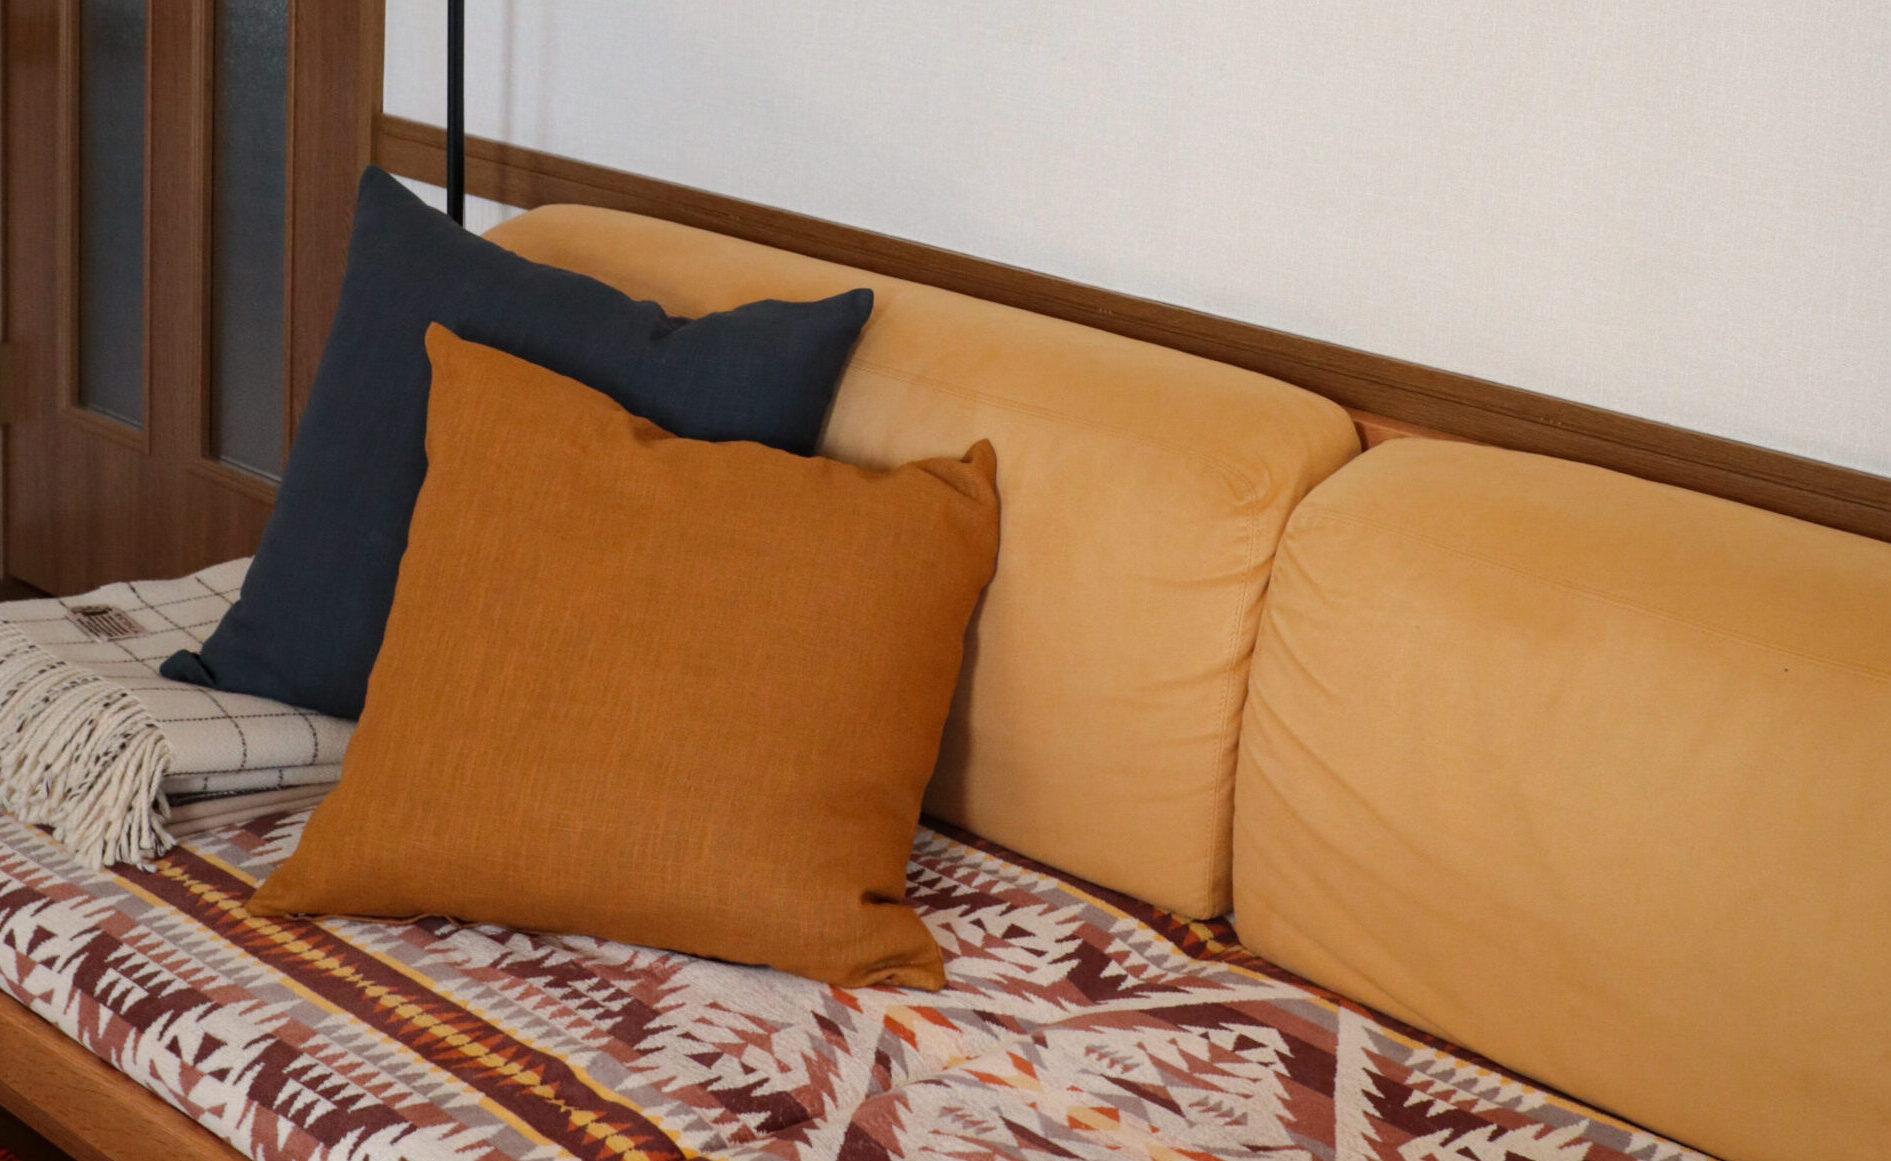 【収納問題解決!】収納袋にギュウギュウ詰めだった寝袋が、フカフカのクッションになりました。